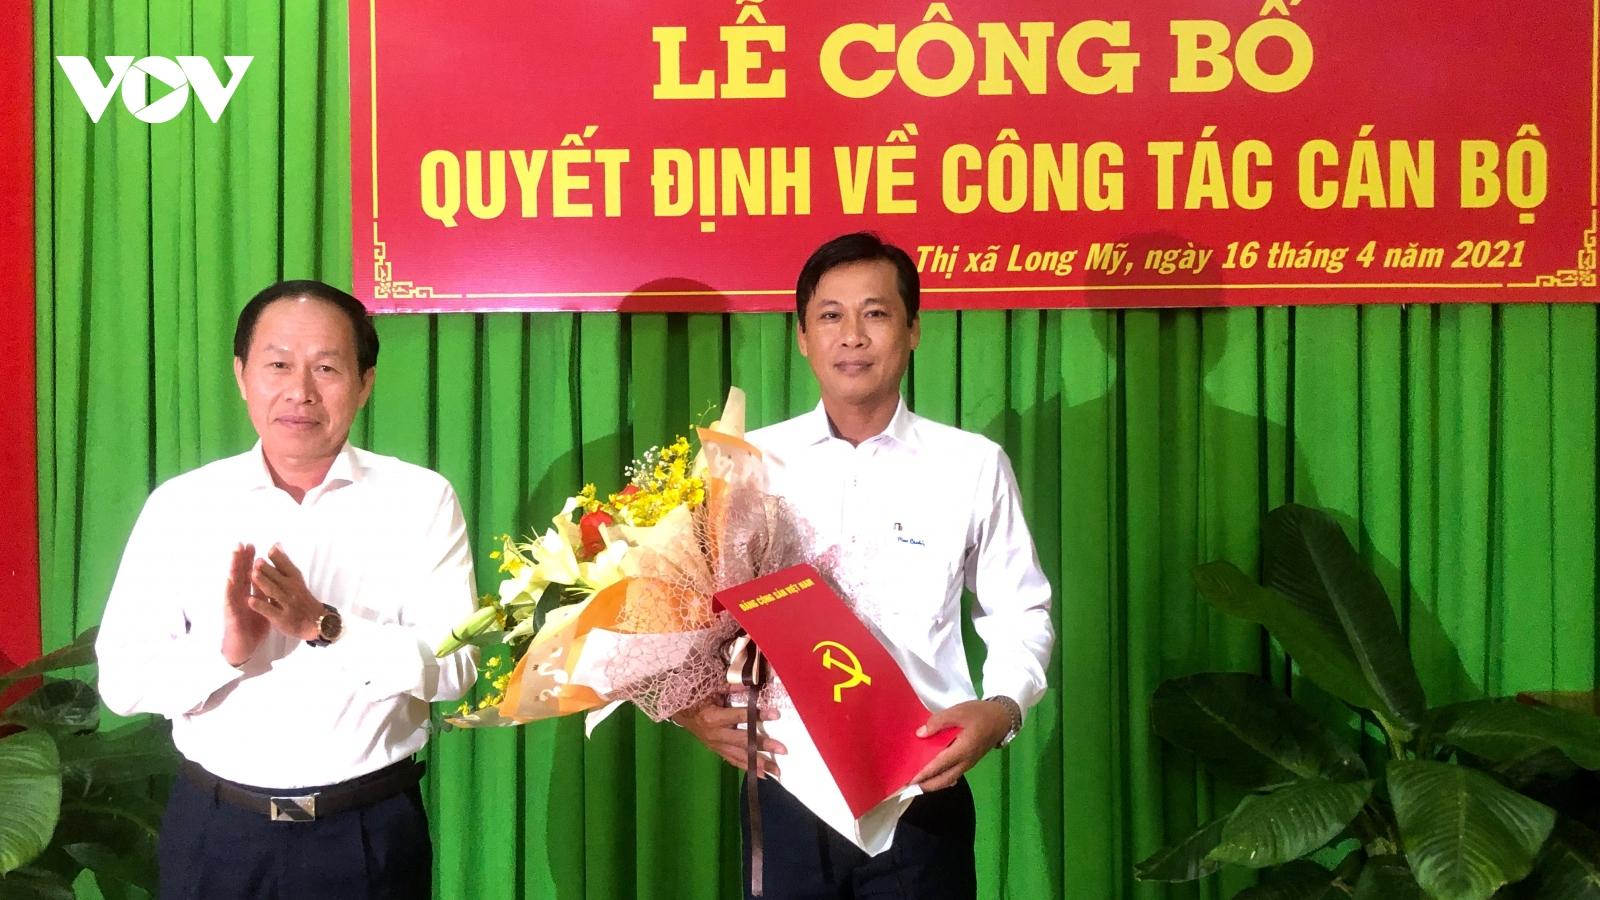 Ông Võ Văn Trung giữ chứcBí thư Thị ủy Long Mỹ, tỉnh Hậu Giang